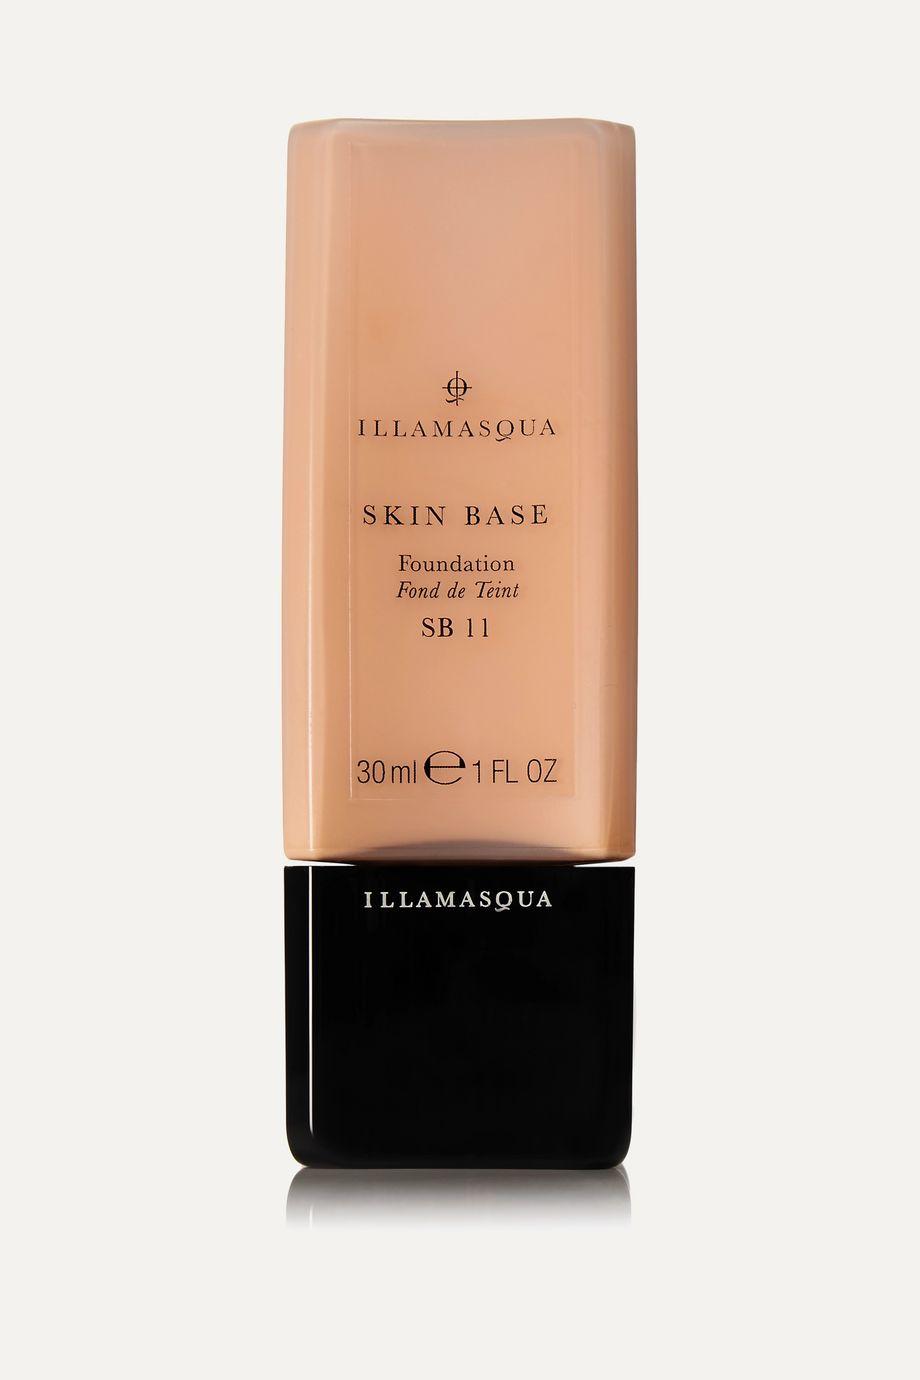 Illamasqua Skin Base Foundation - 11, 30ml